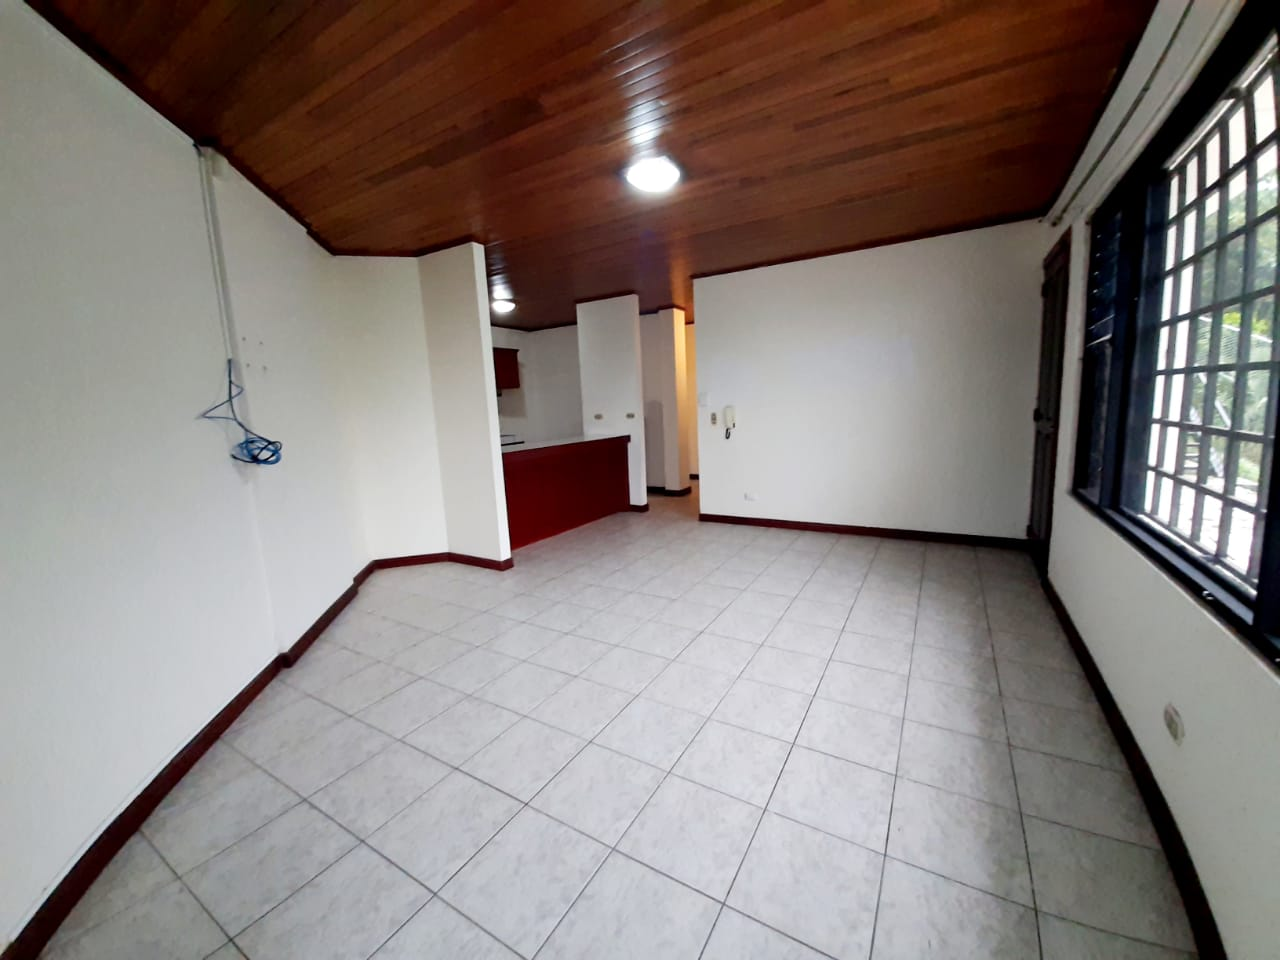 3187 Se Alquila apartamento en San Antonio de Escazú